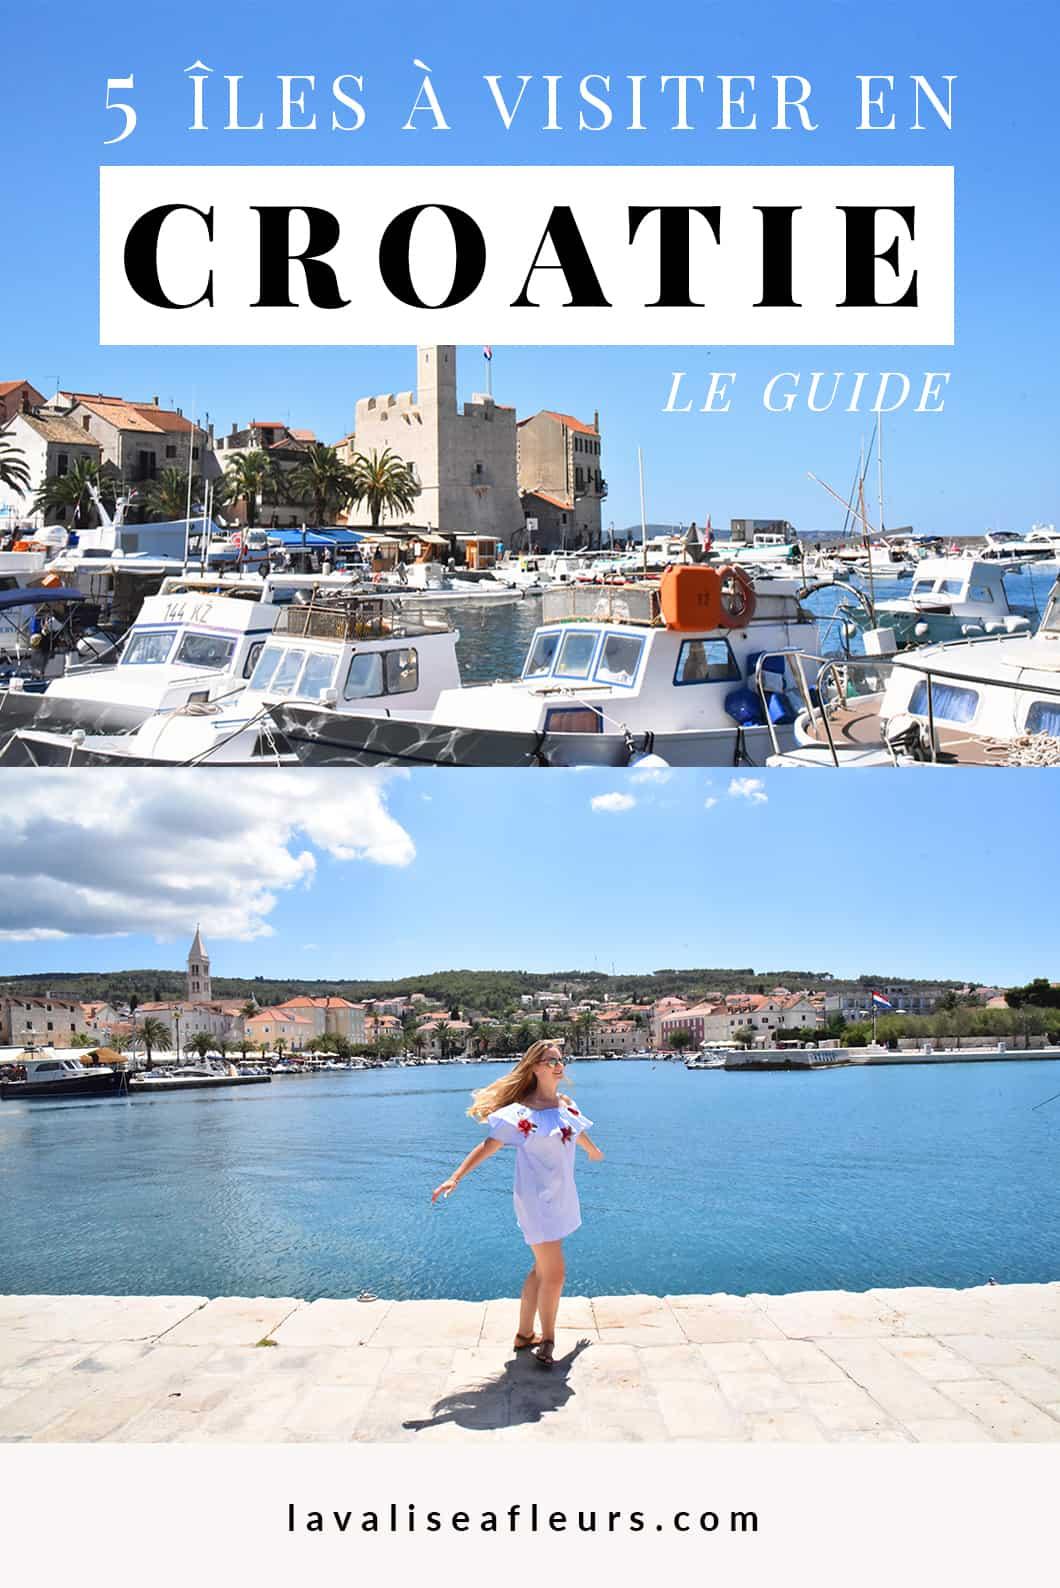 5 iles à visiter en Croatie